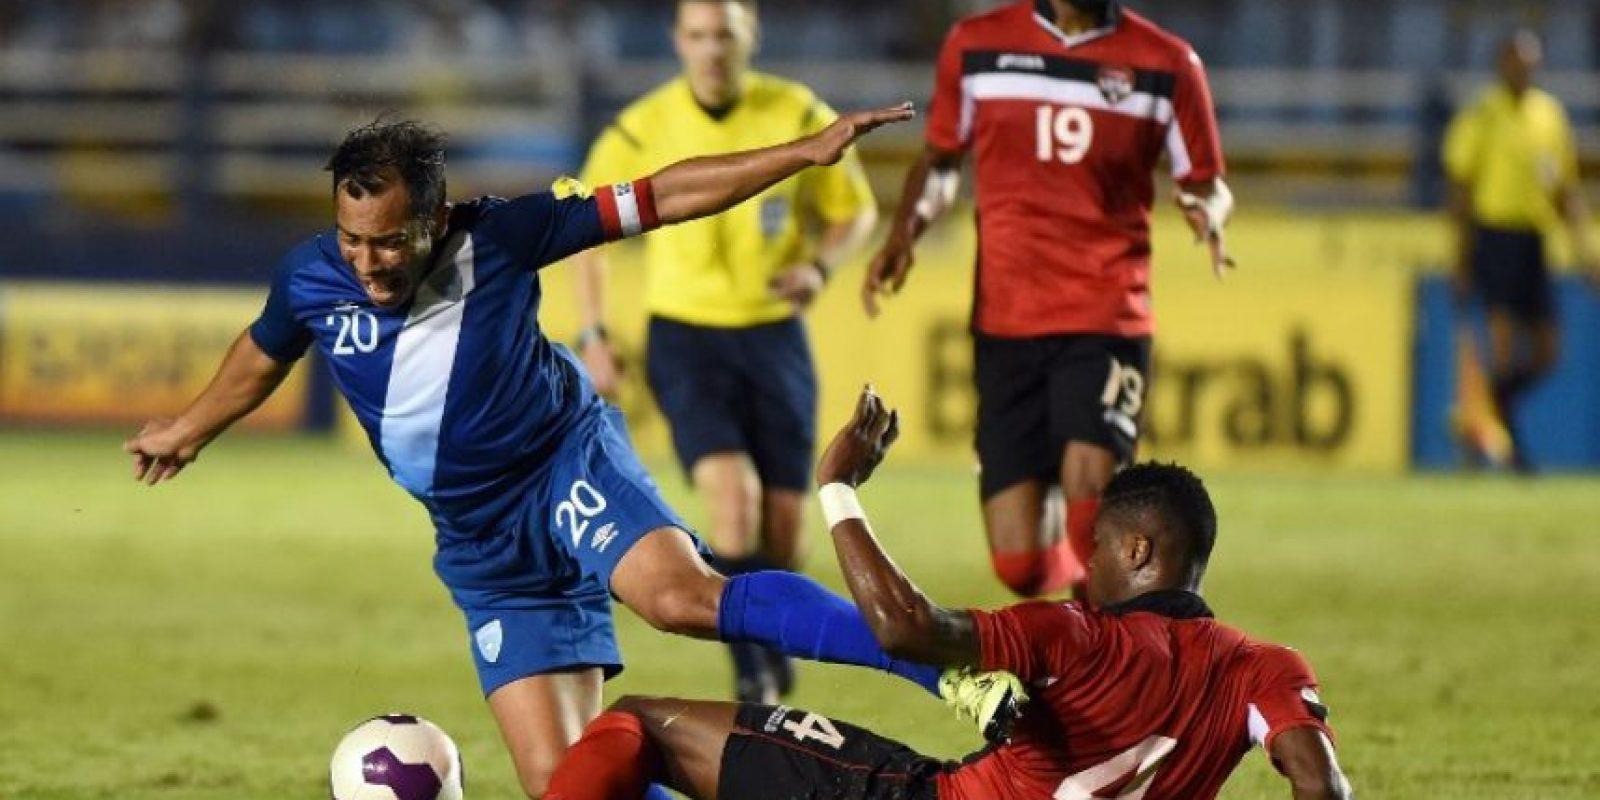 El tanto de Ruiz fue contra Trinidad y Tobago en la Copa de Oro del año anterior. Foto:Publinews